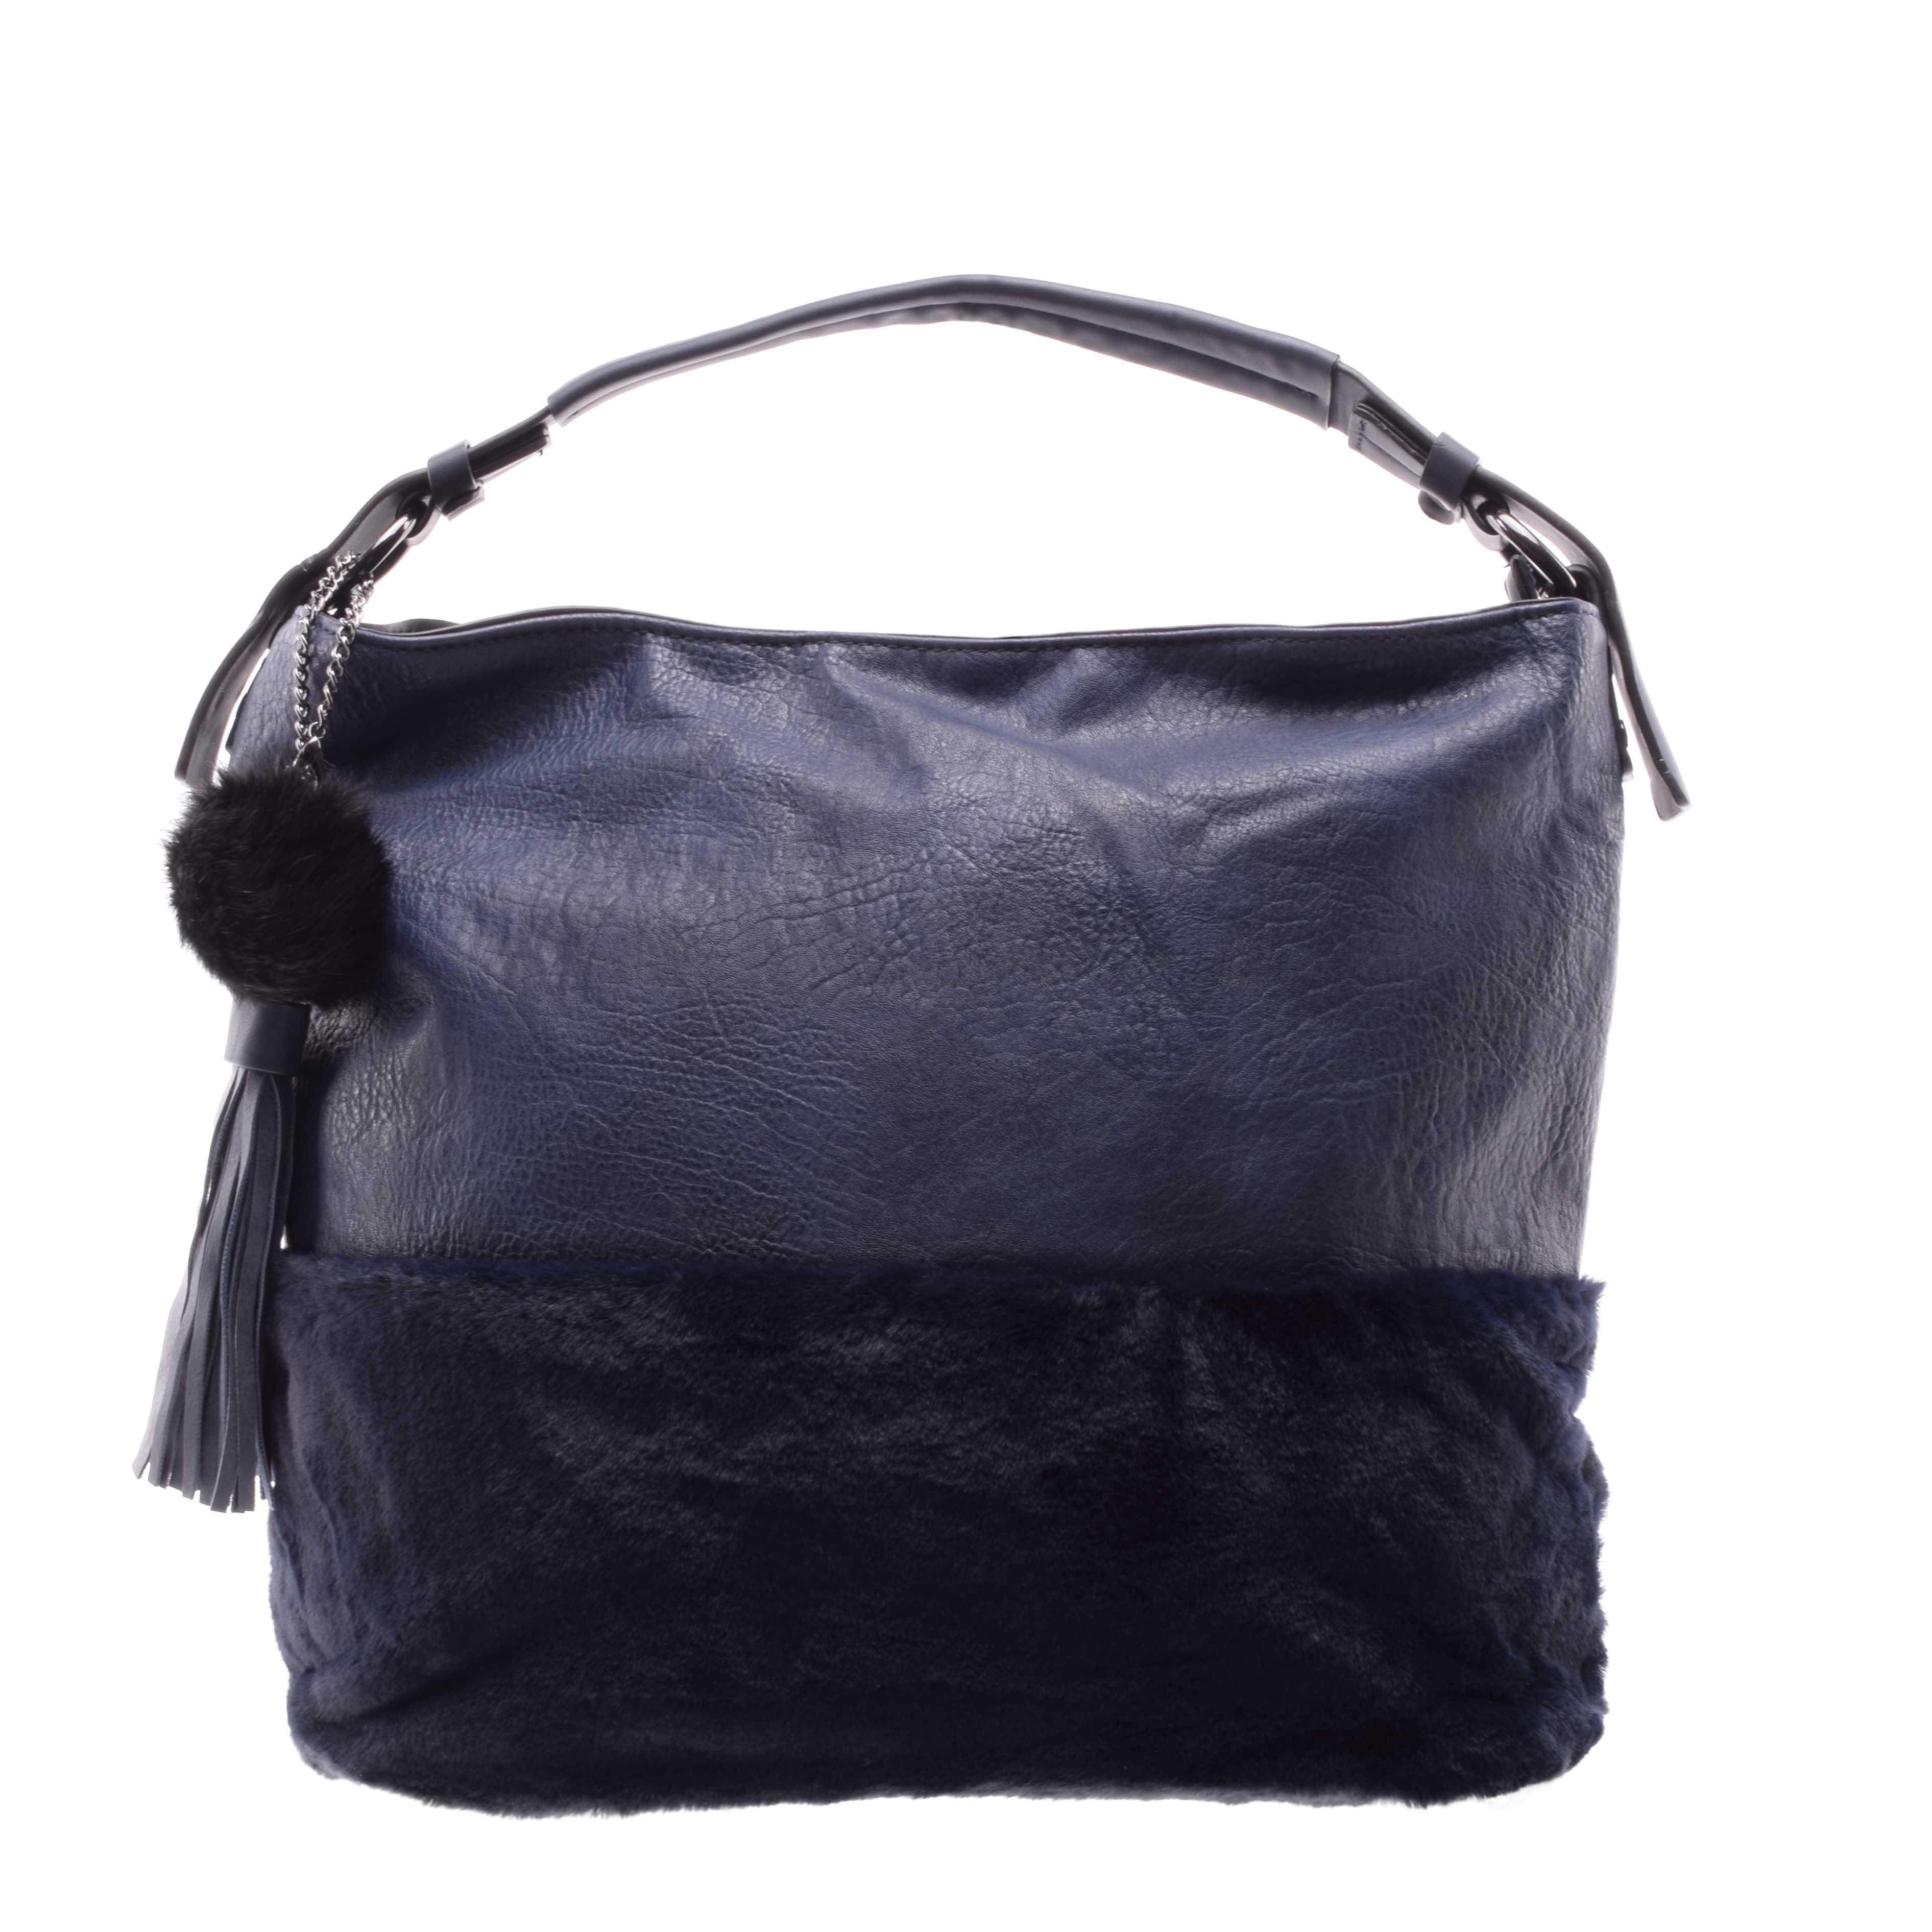 Női Kék Műbőr Válltáska - Válltáskák - Táska webáruház - Minőségi táskák  mindenkinek 3e4551adc8